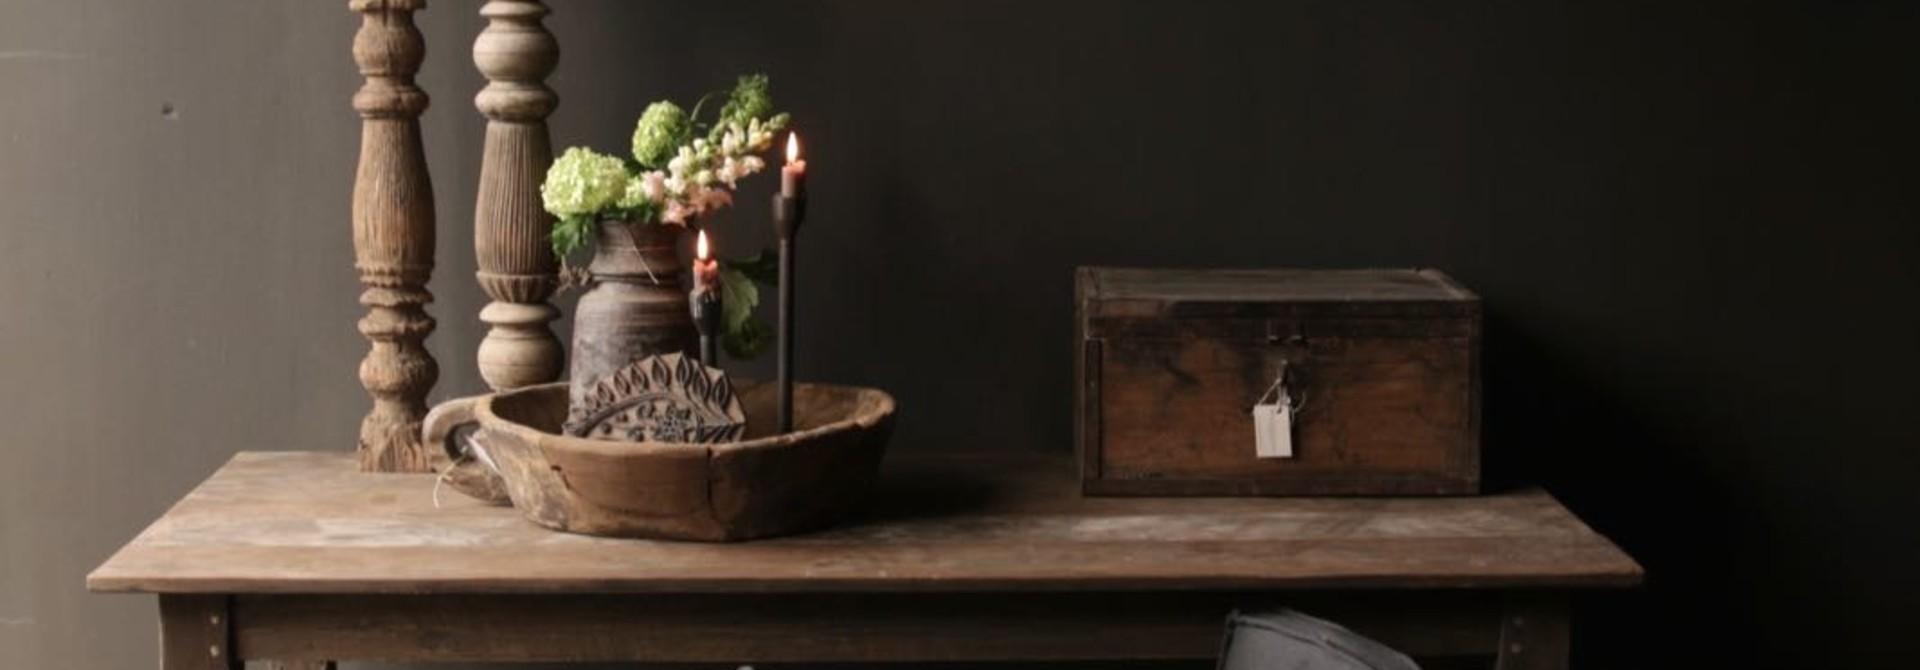 Alter authentischer Holztisch